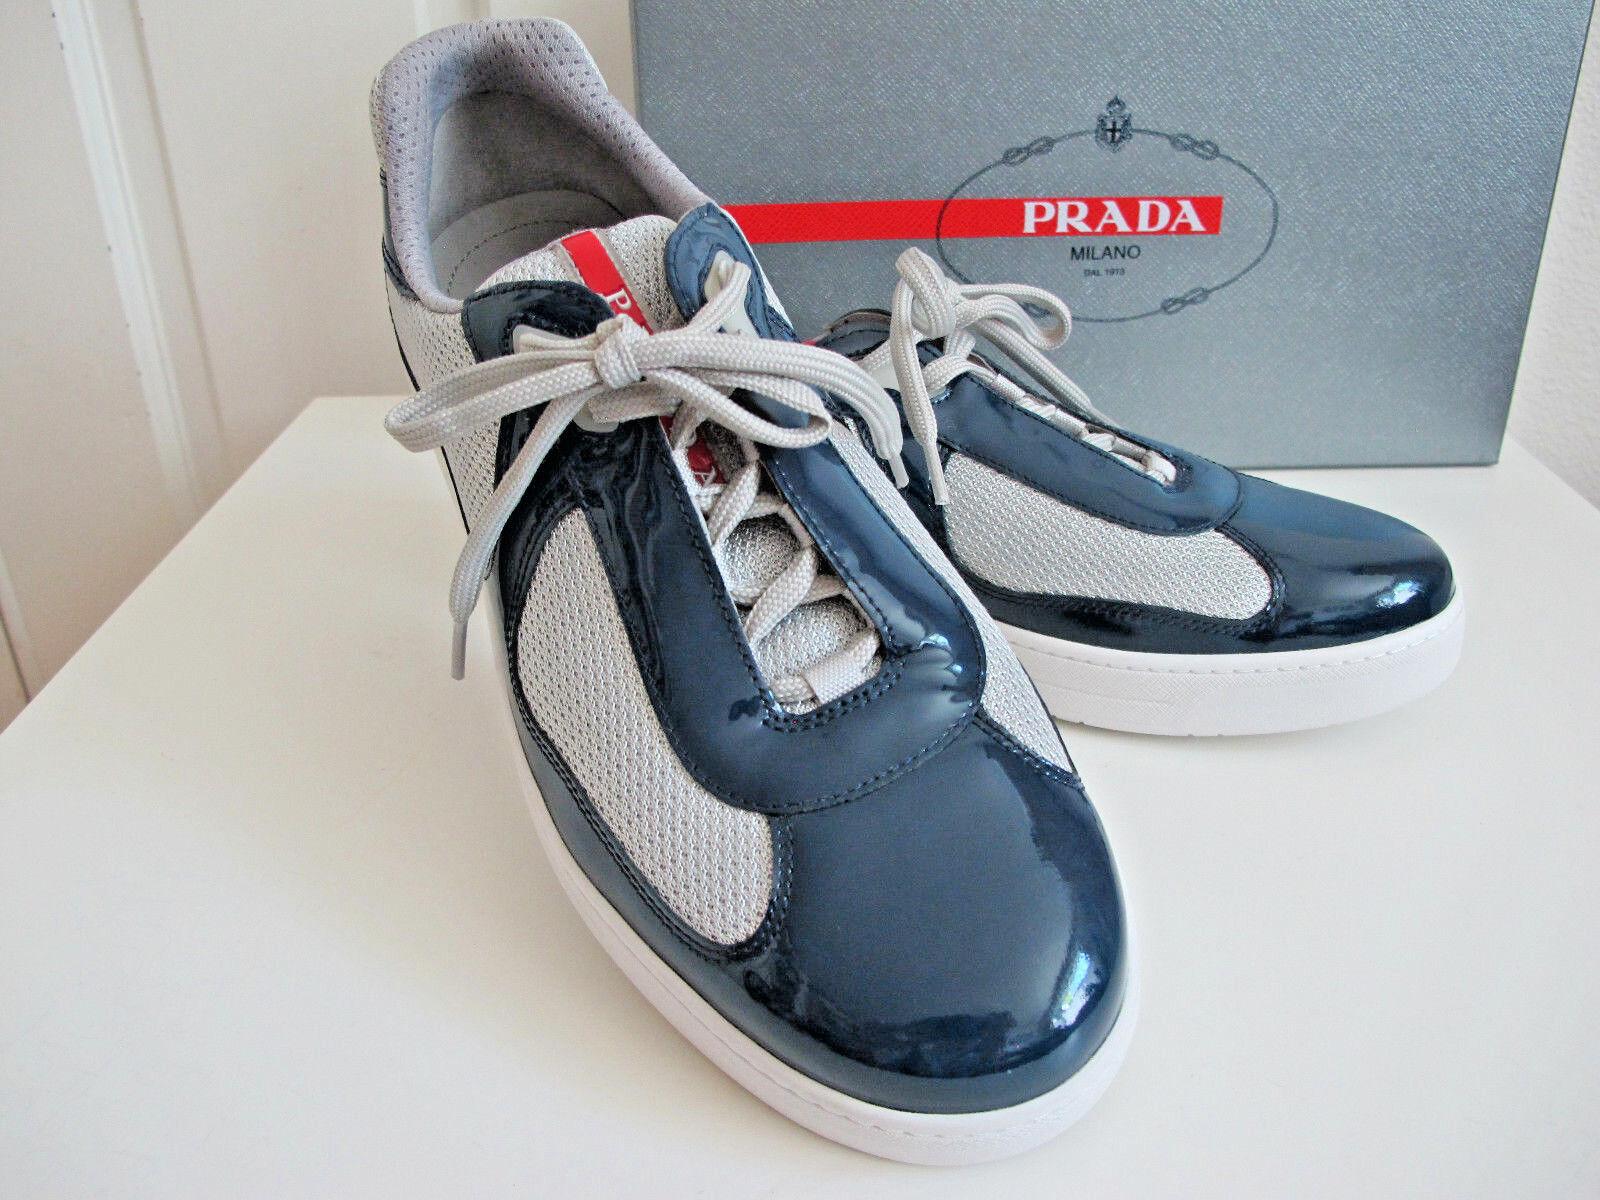 nouveau in Box  570 Homme PRADA Linea Rossa nouveau America's Cup sneakes bleu sz 8.5 Chaussures